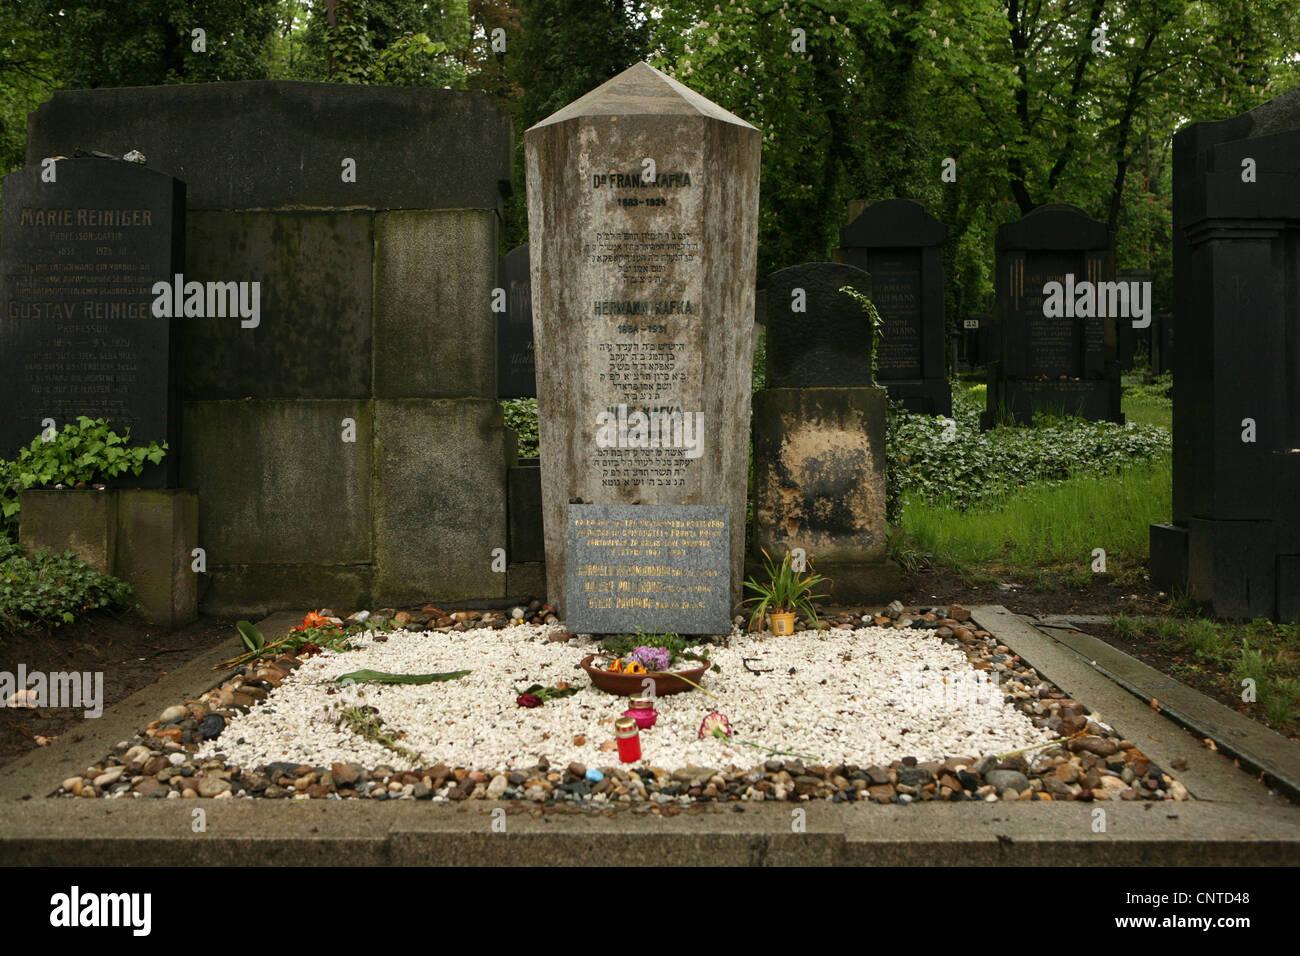 Tumba de Franz Kafka en el Nuevo Cementerio Judío de Praga, República Checa. Foto de stock